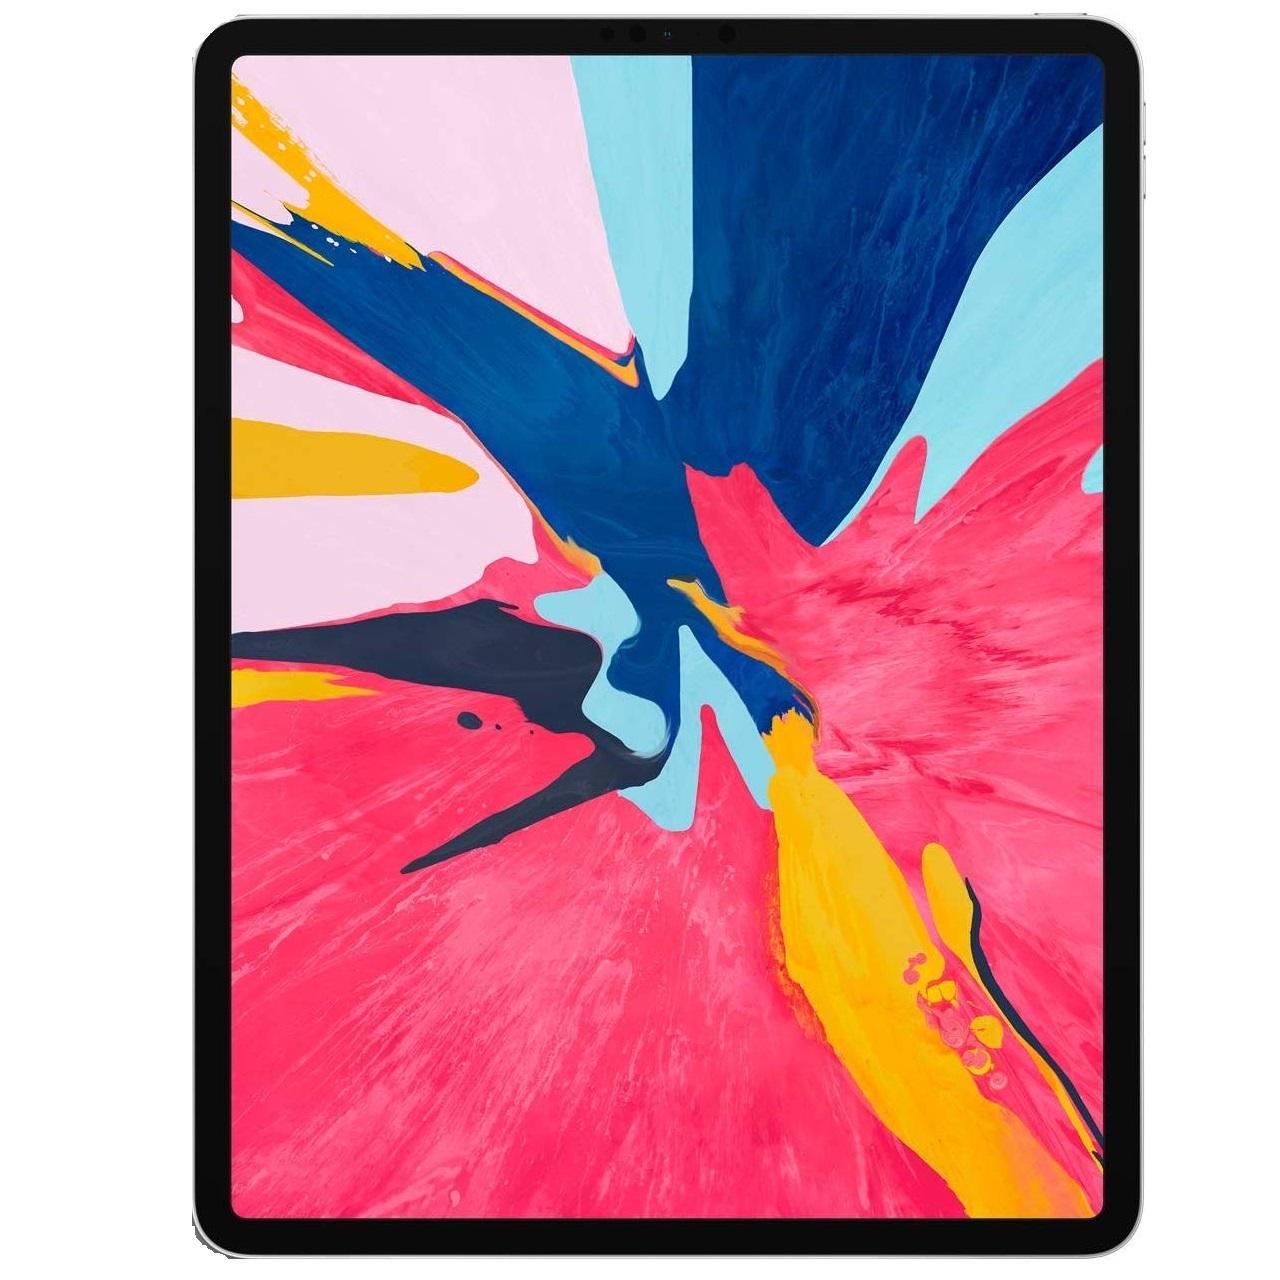 تبلت اپل مدل iPad Pro 2018 12.9 inch 4G ظرفیت 256 گیگابایت thumb